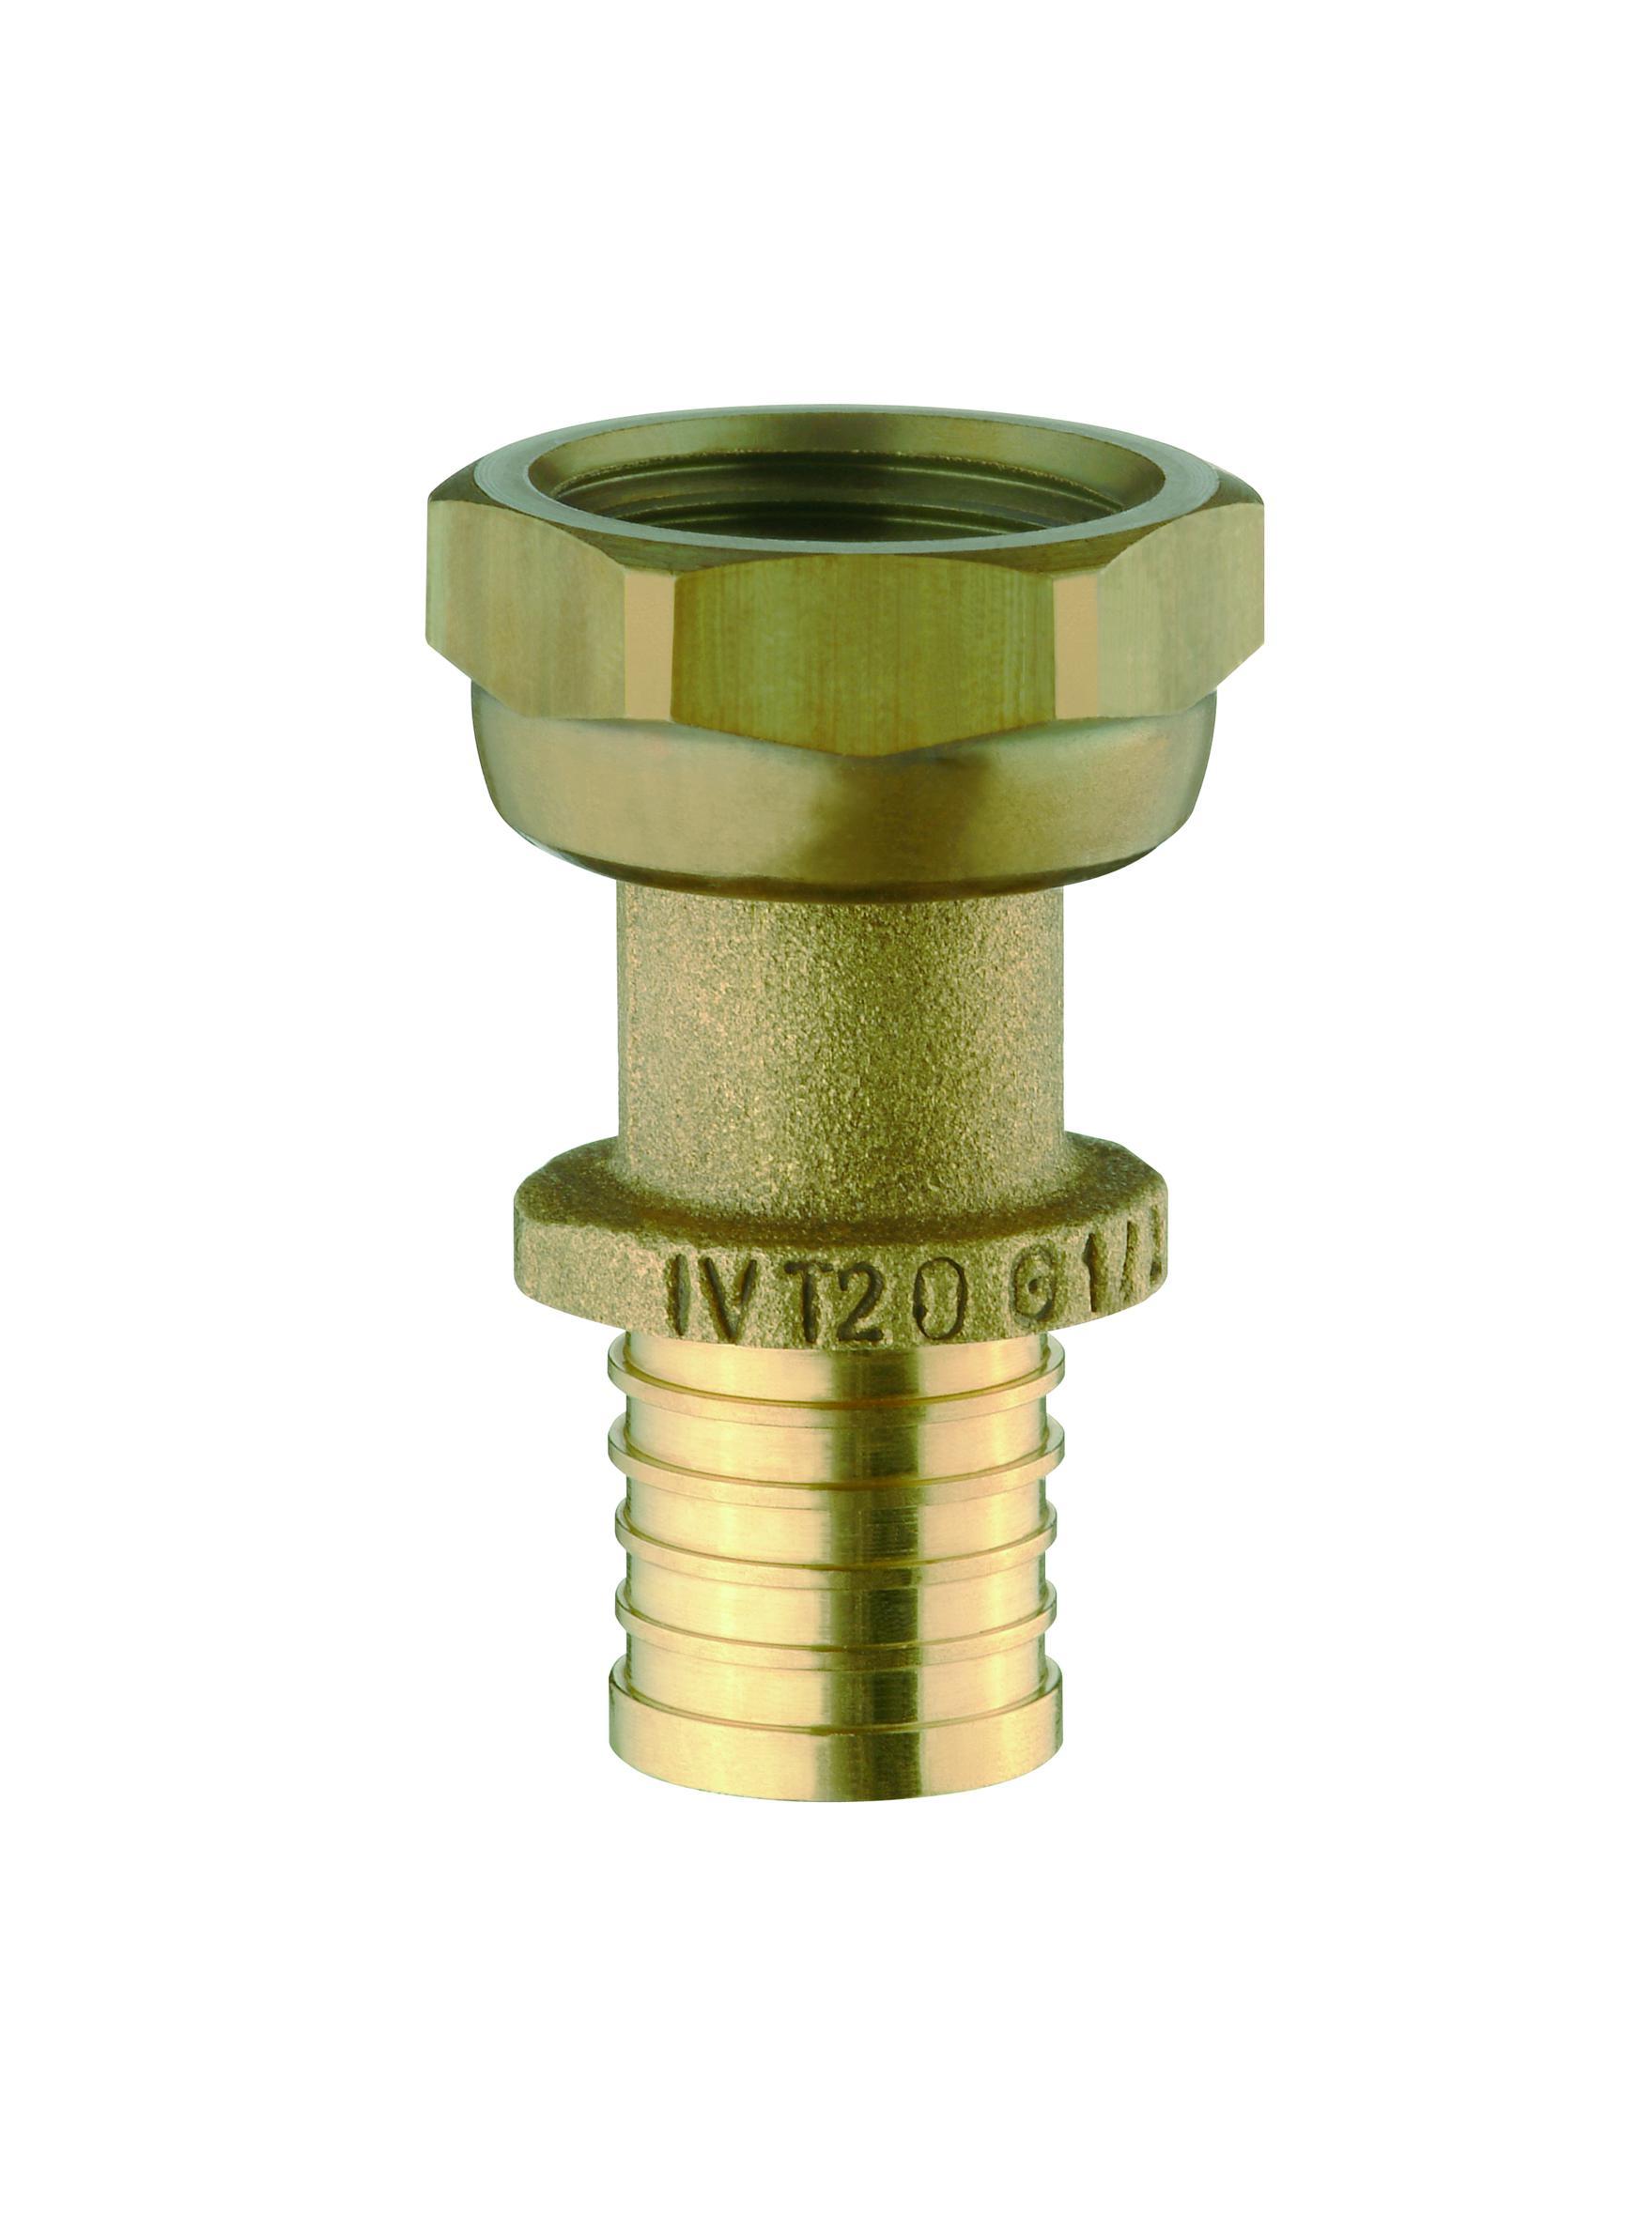 Комбинированная муфта с накидной гайкой 25-G 1